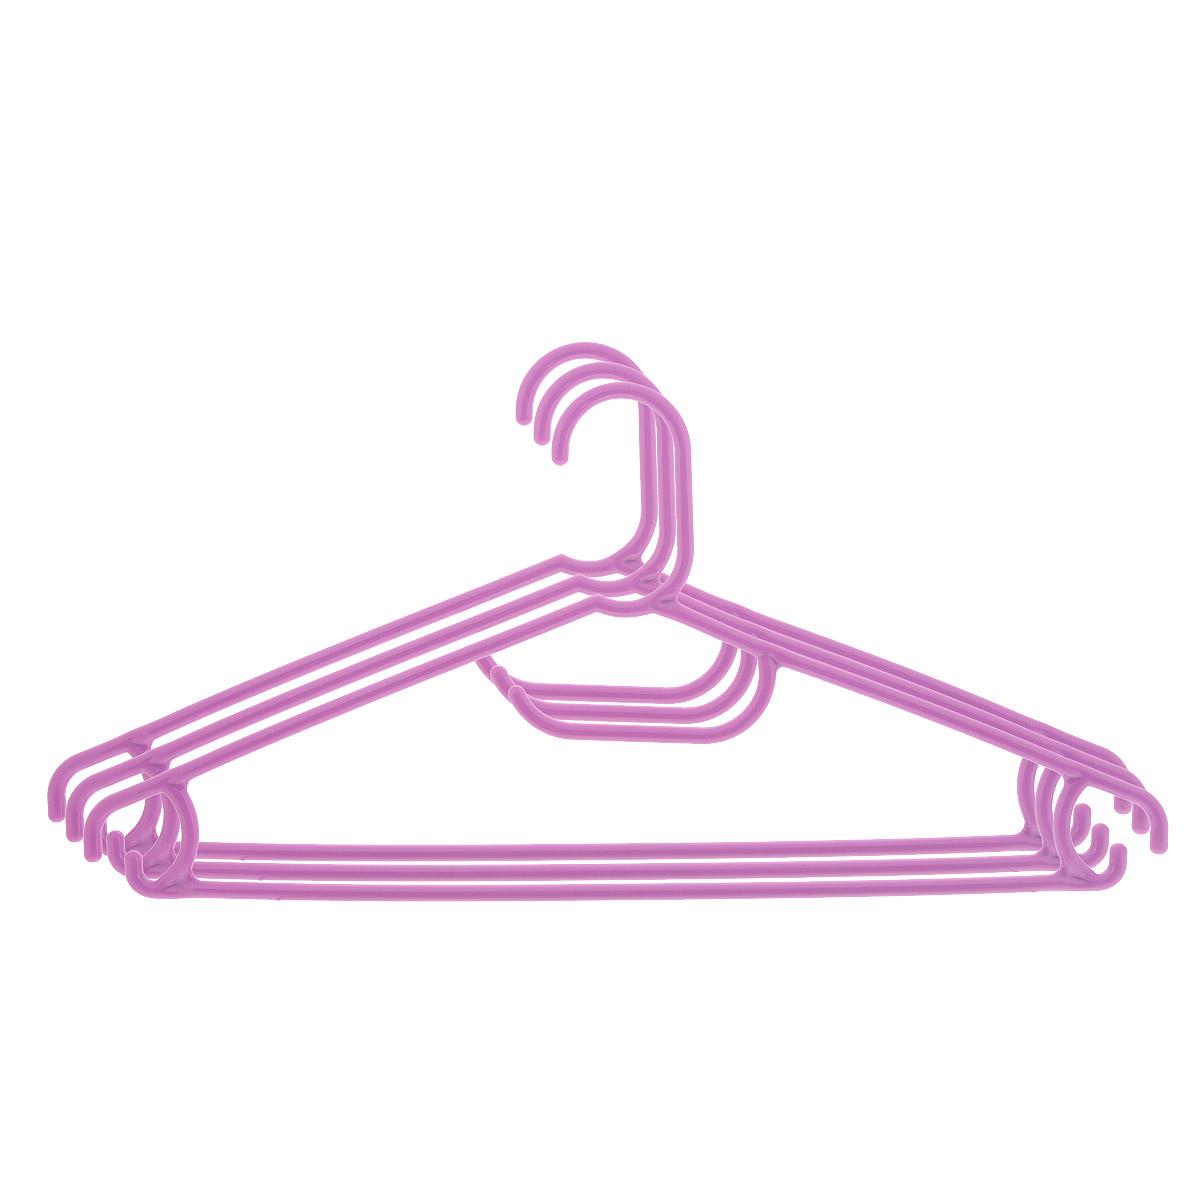 Набор вешалок Econova, цвет: фиолетовый, размер 48, 3 штС12354 фиолетовыйНабор Econova, выполненный из прочного пластика, состоит из 3 вешалок. Каждое изделие оснащено перекладиной, боковыми крючками, а также крючком для галстуков. Вешалка - это незаменимая вещь для того, чтобы ваша одежда всегда оставалась в хорошем состоянии. Комплектация: 3 шт. Размер одежды: 48.